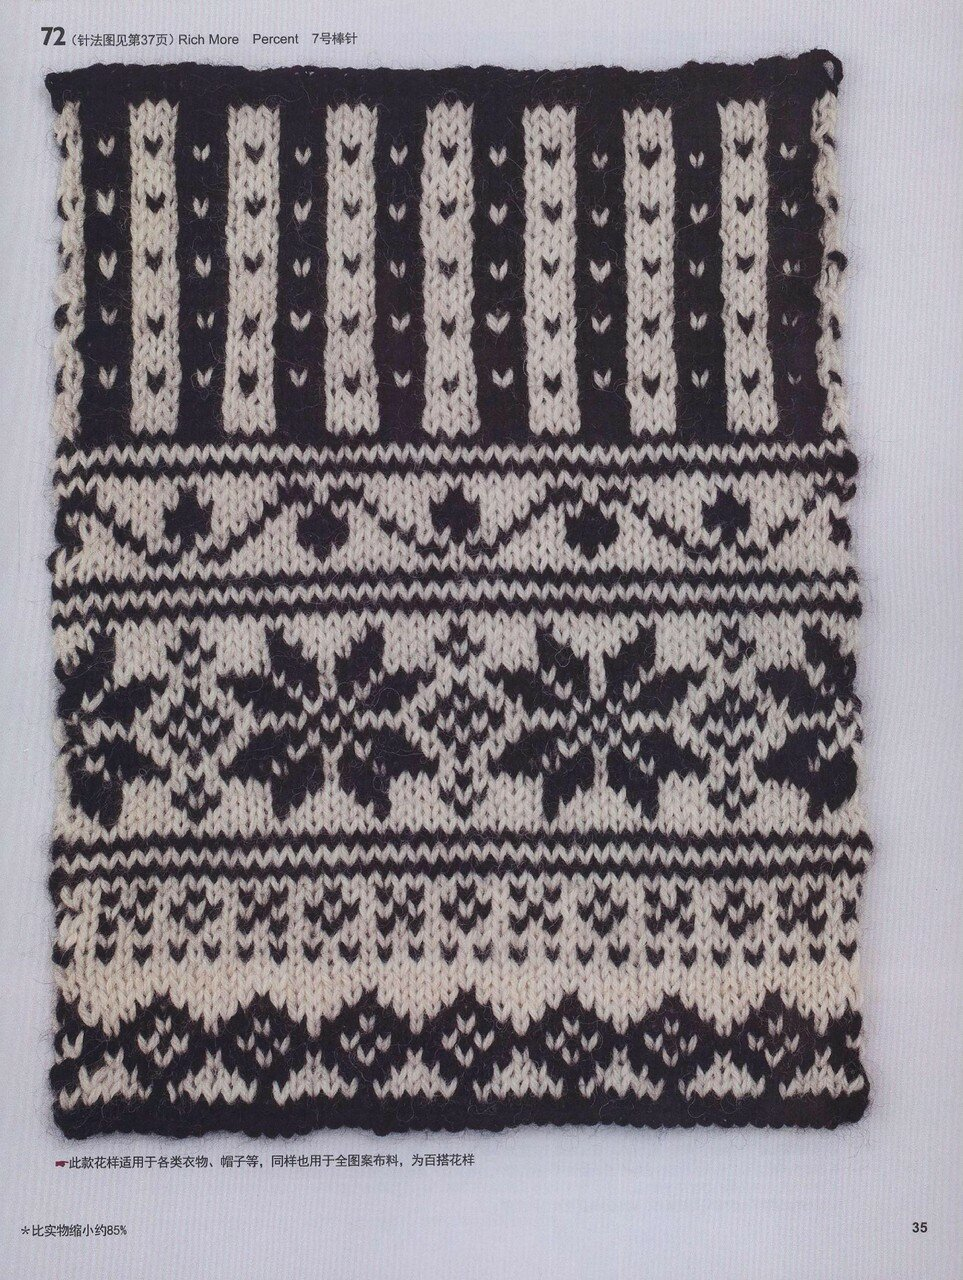 150 Knitting_37.jpg